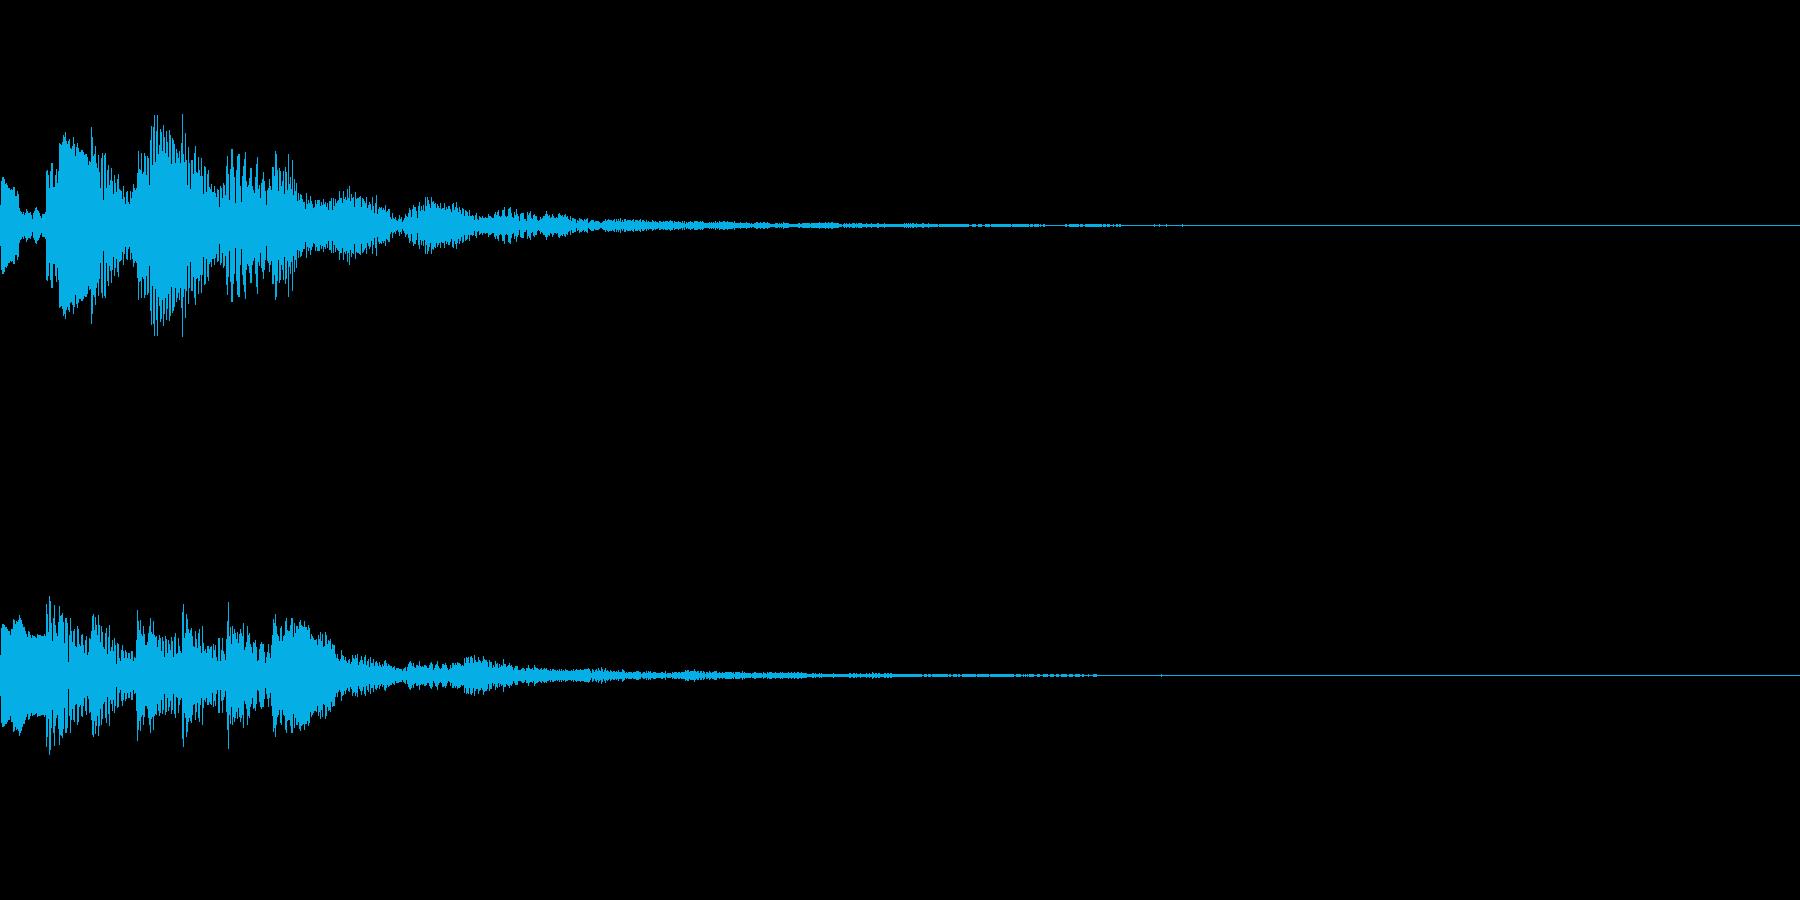 効果音【スタート・獲得・決定・LvUp】の再生済みの波形